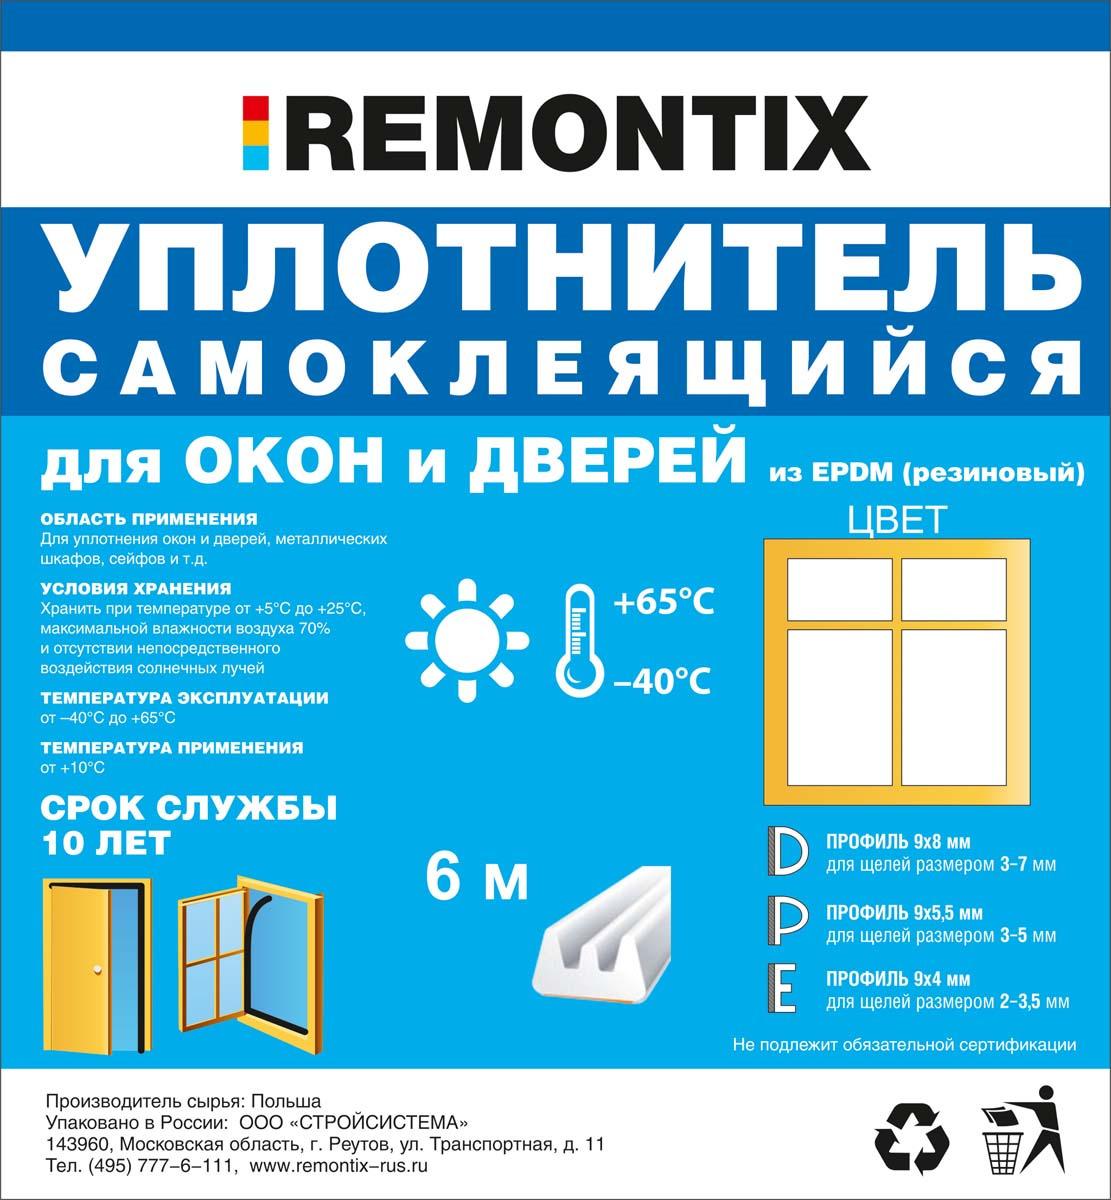 Уплотнитель для окон, дверей и мебели Remontix, профиль Е, цвет: белый, 6 м